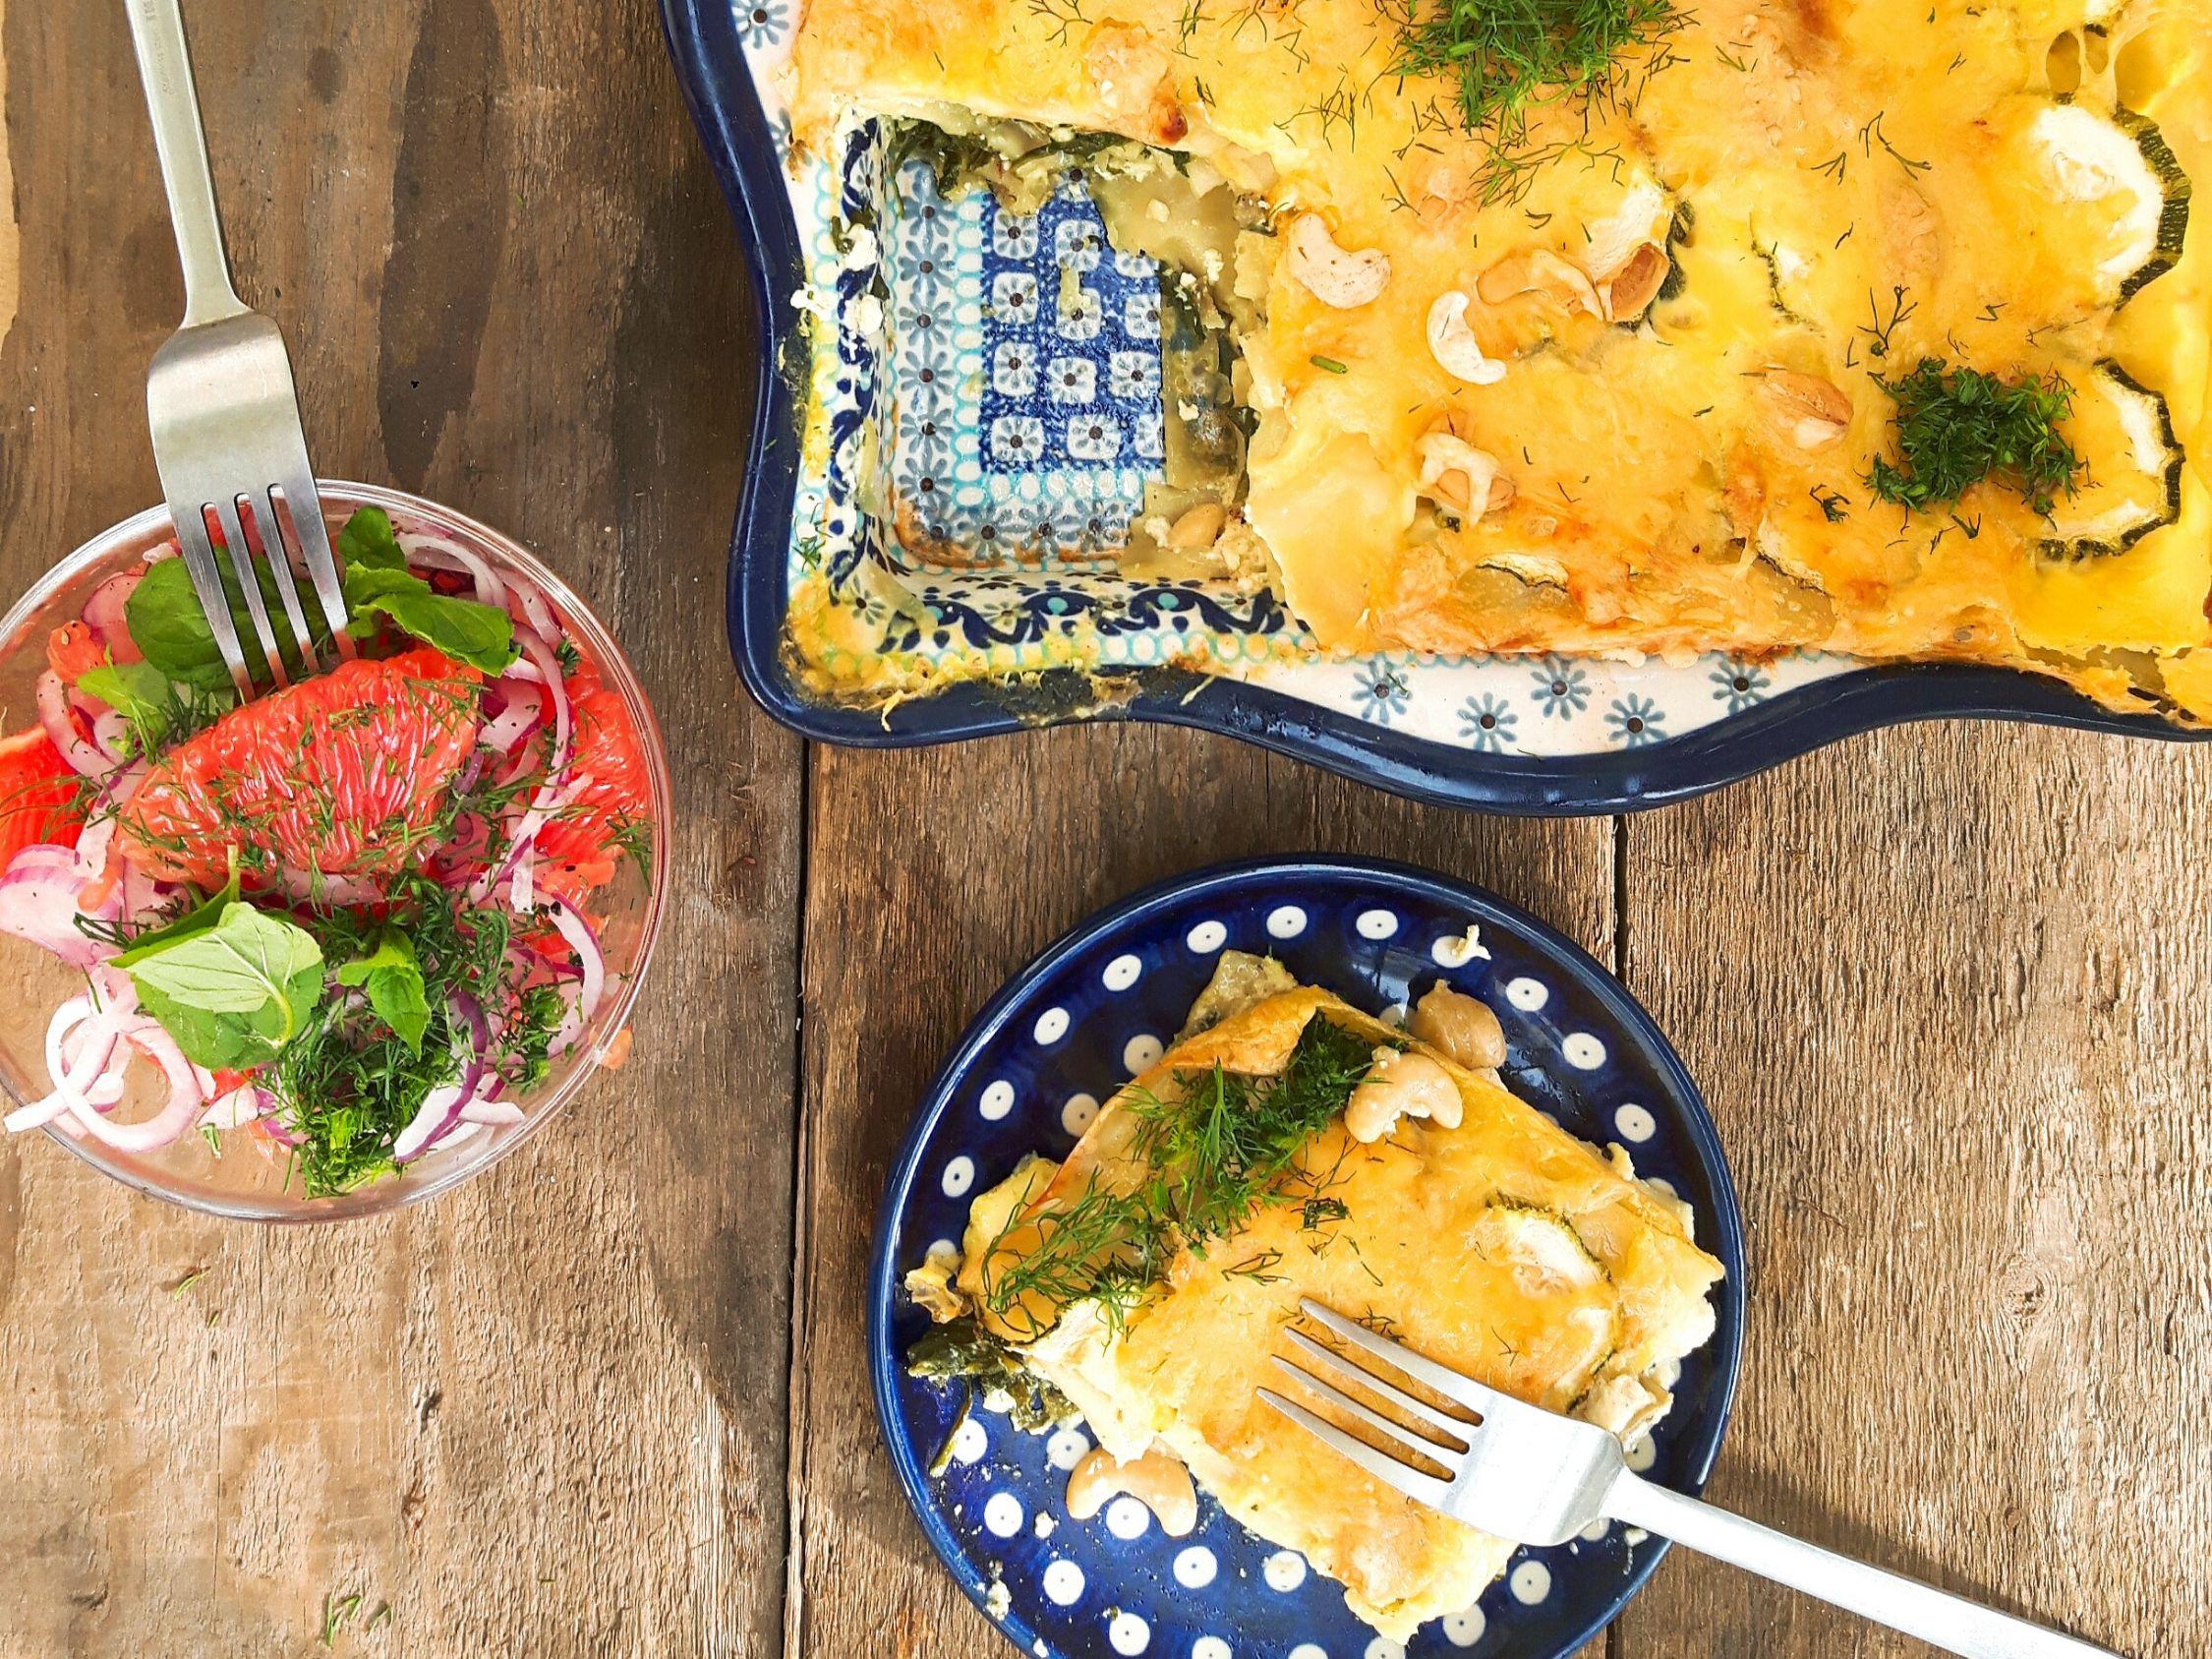 Lazania warzywna z łososiem i sałatką grejpfrutową